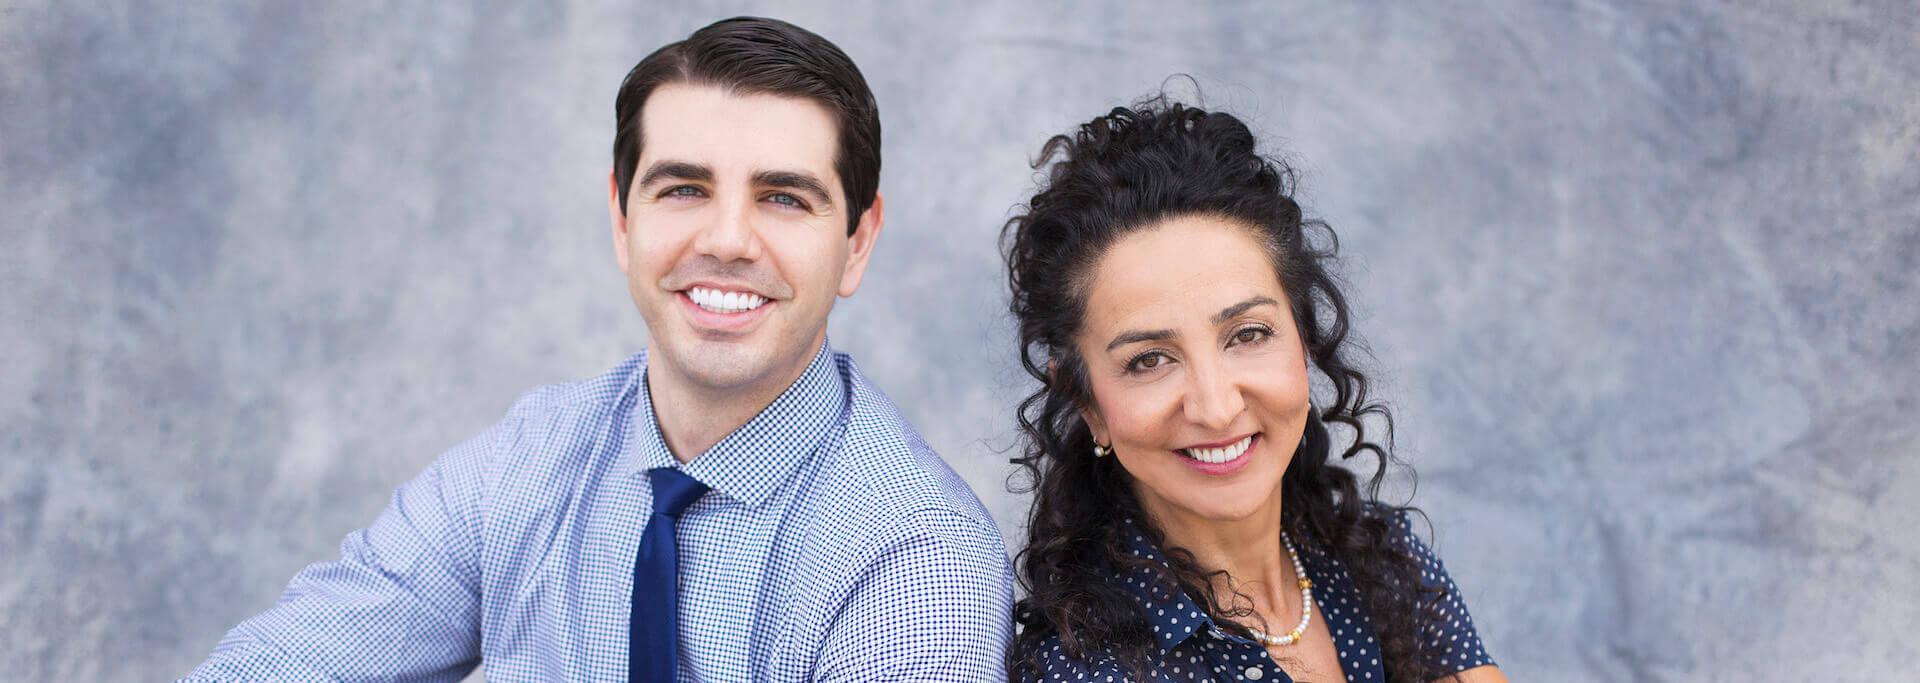 Lifetime Smiles Escondido Dentists